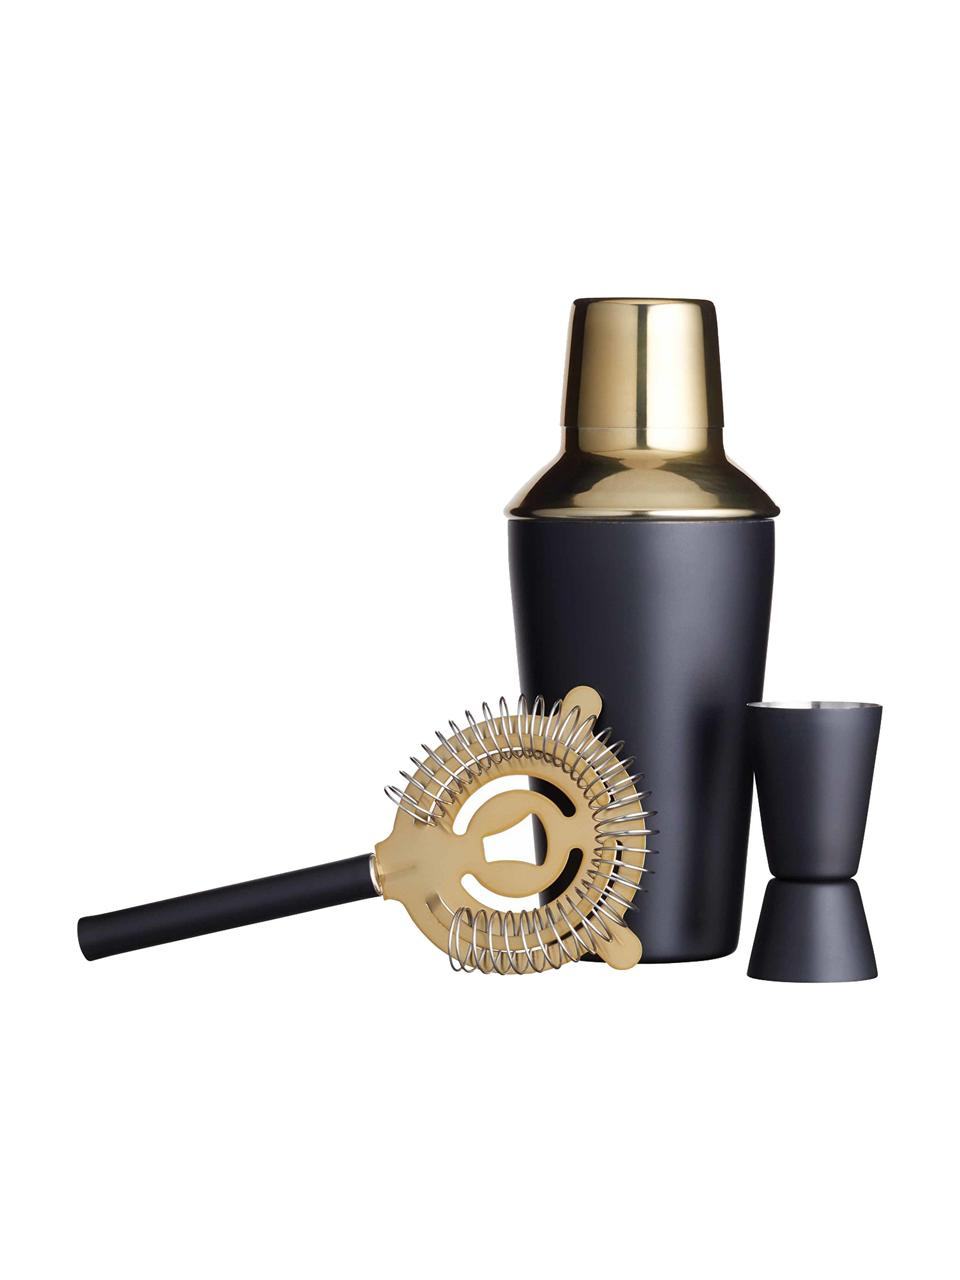 Cocktailset Menirau in zwart/goudkleurig, 3-delig, Zwart, messingkleurig, Set met verschillende formaten